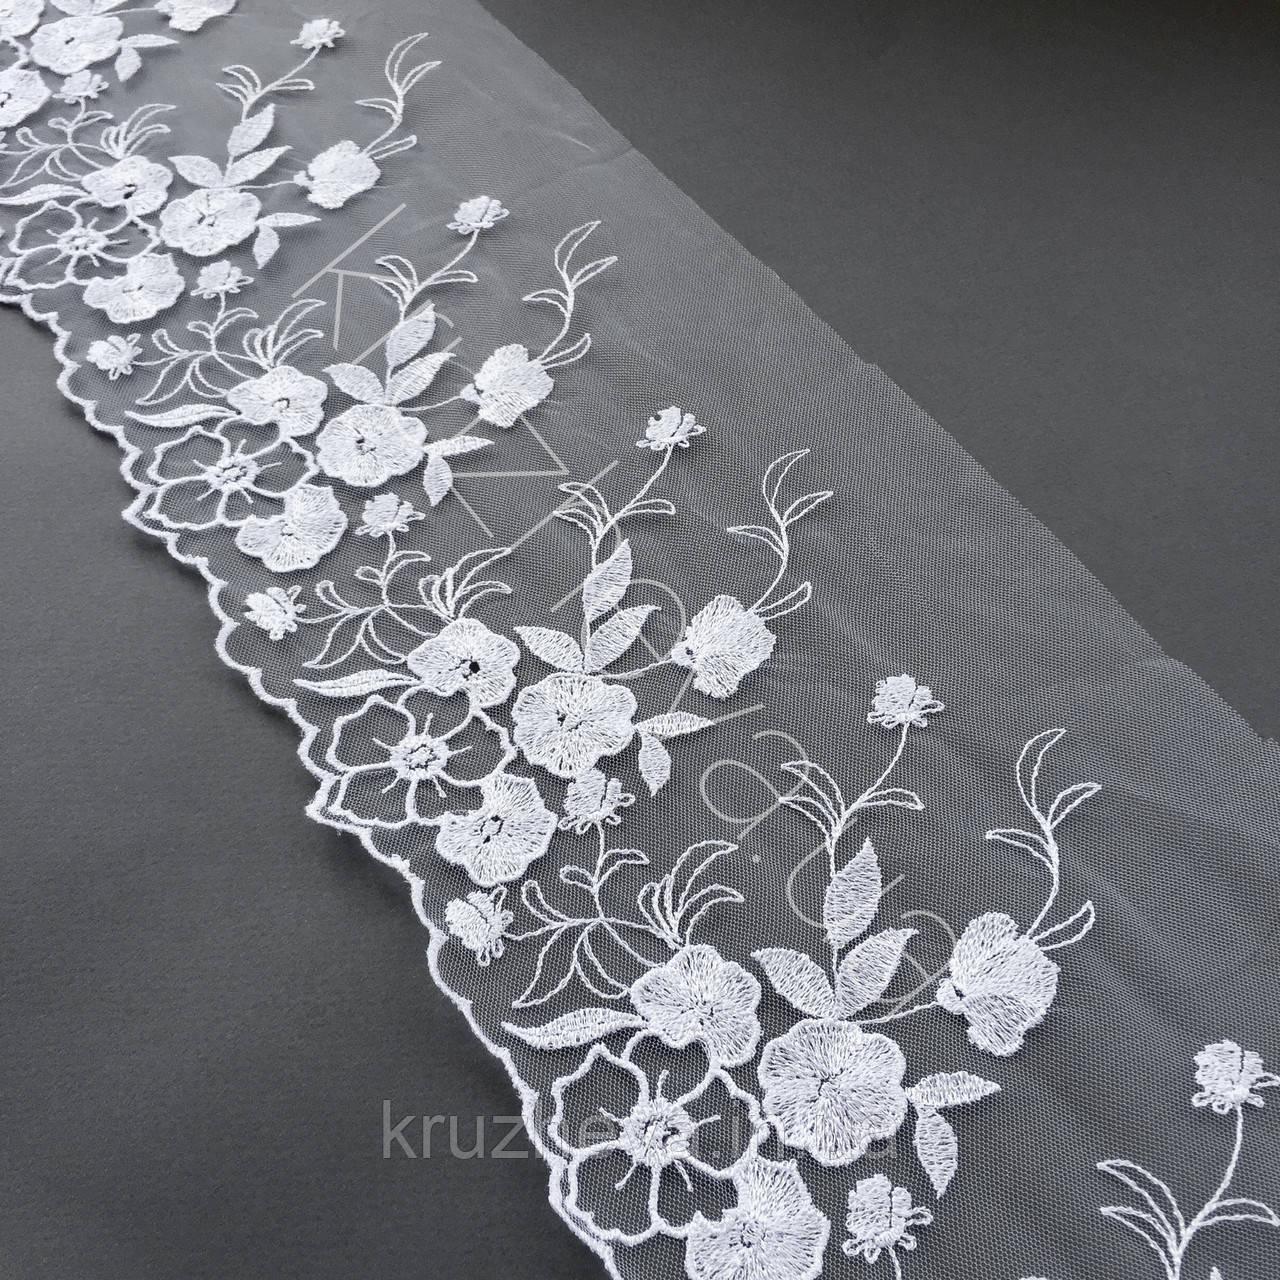 Ажурне мереживо, вишивка на сітці, білого кольору, ширина 20 см